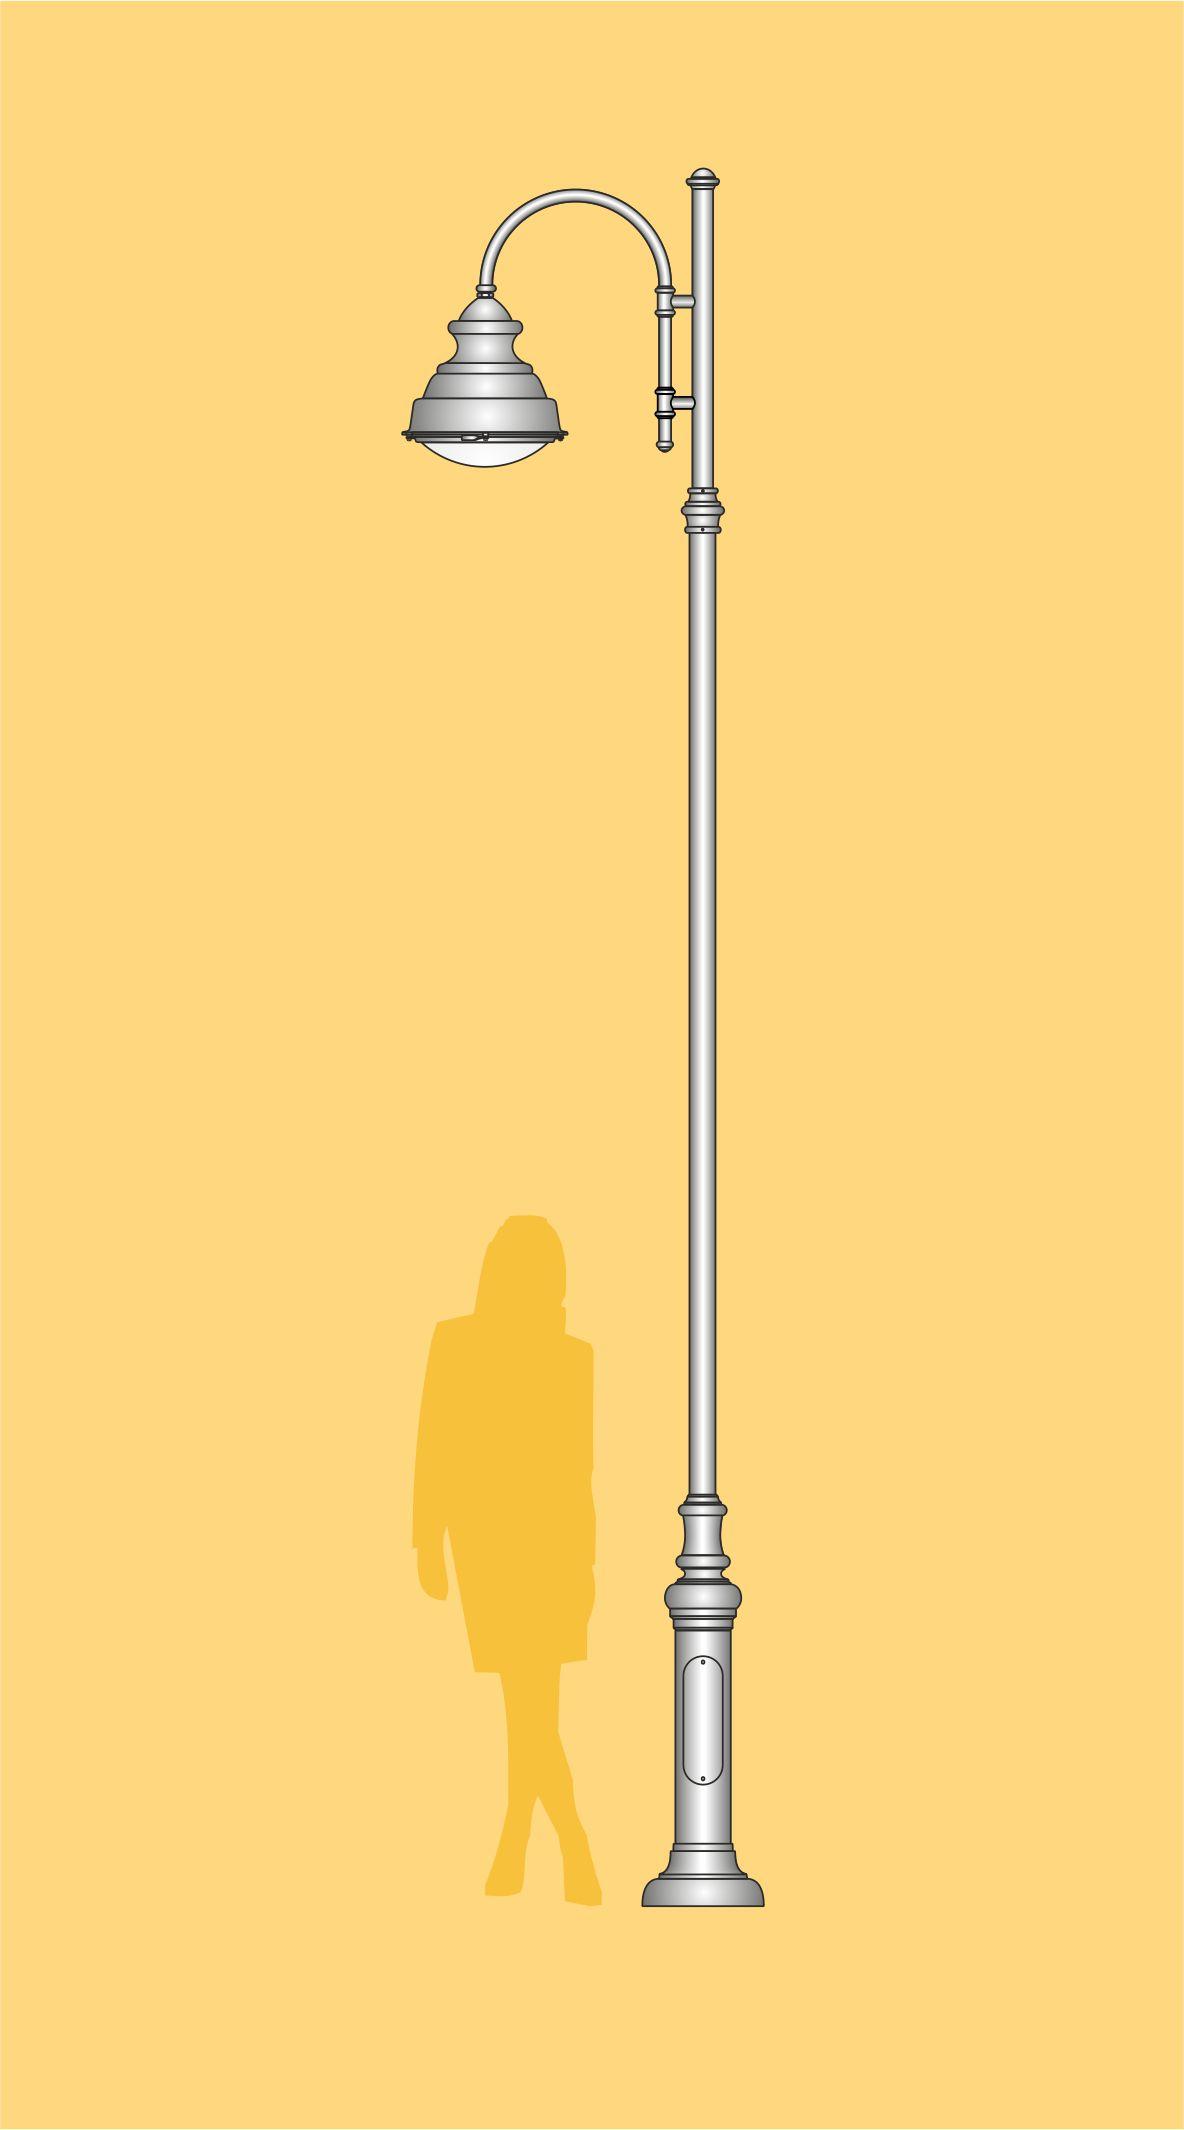 Lampa uliczna stylizowana art metal, wysokość 5 m, słup stalowy